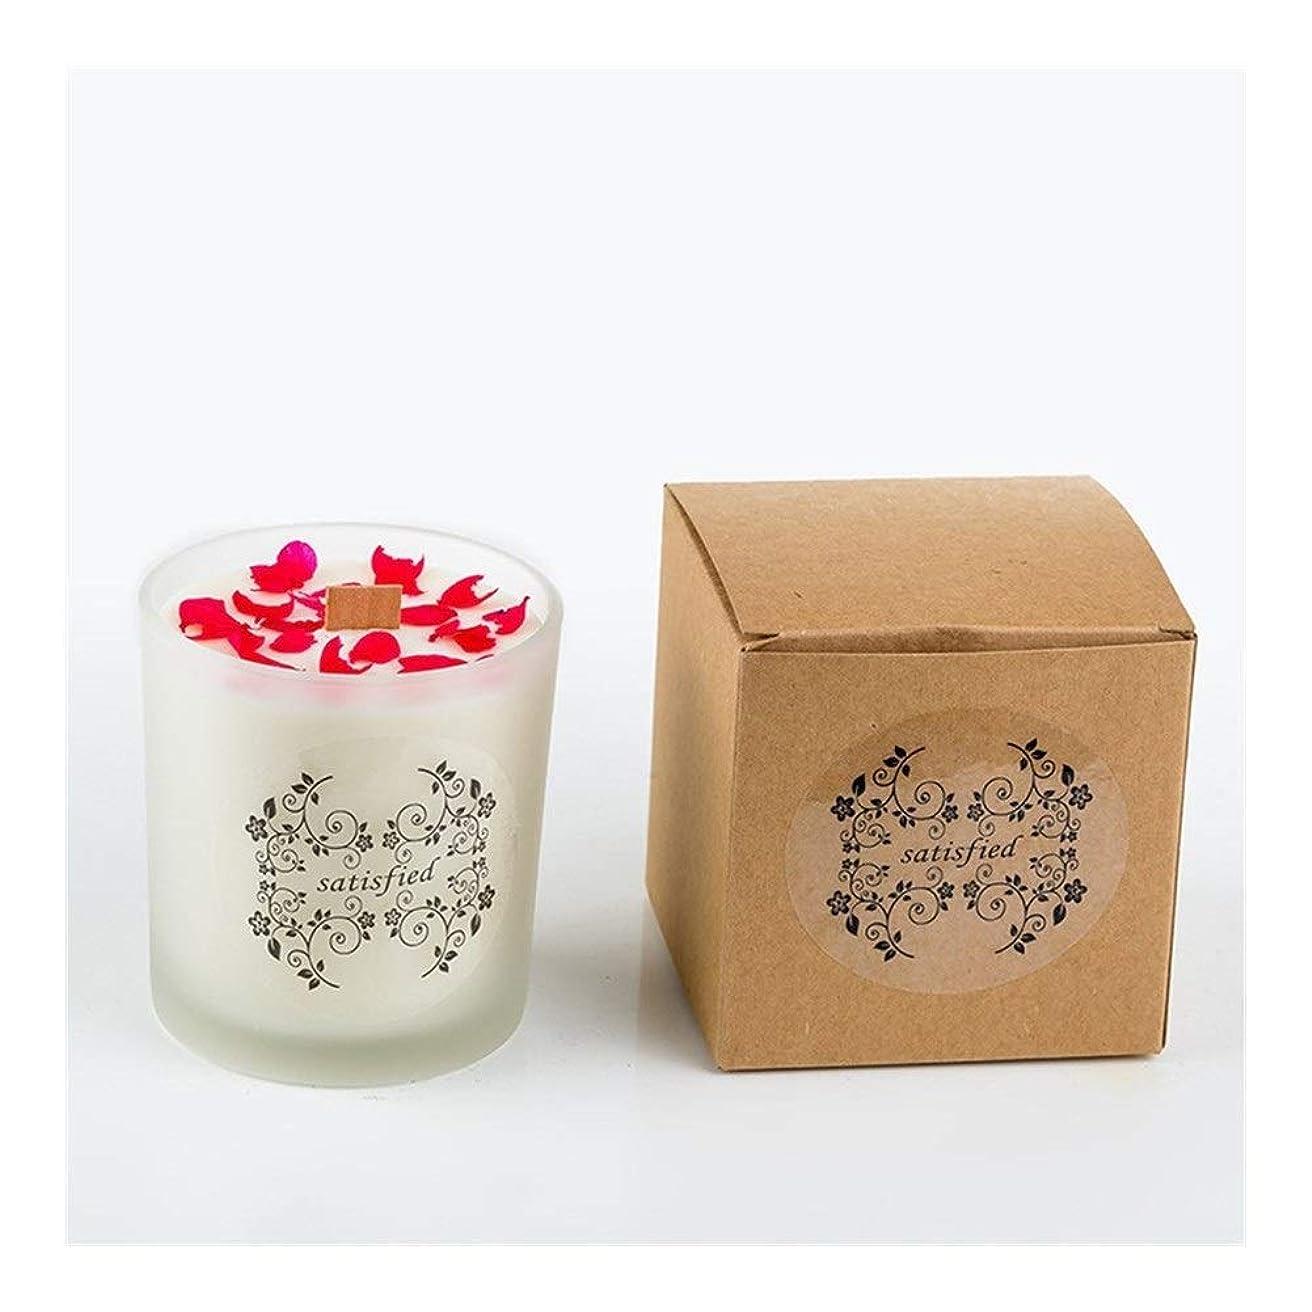 有罪強制的フェードZtian ロマンチックな香りのキャンドルエッセンシャルオイル大豆ワックスガラスアロマセラピーロマンチックな誕生日ギフトの提案無煙の香り (色 : Xiang Xuelan)